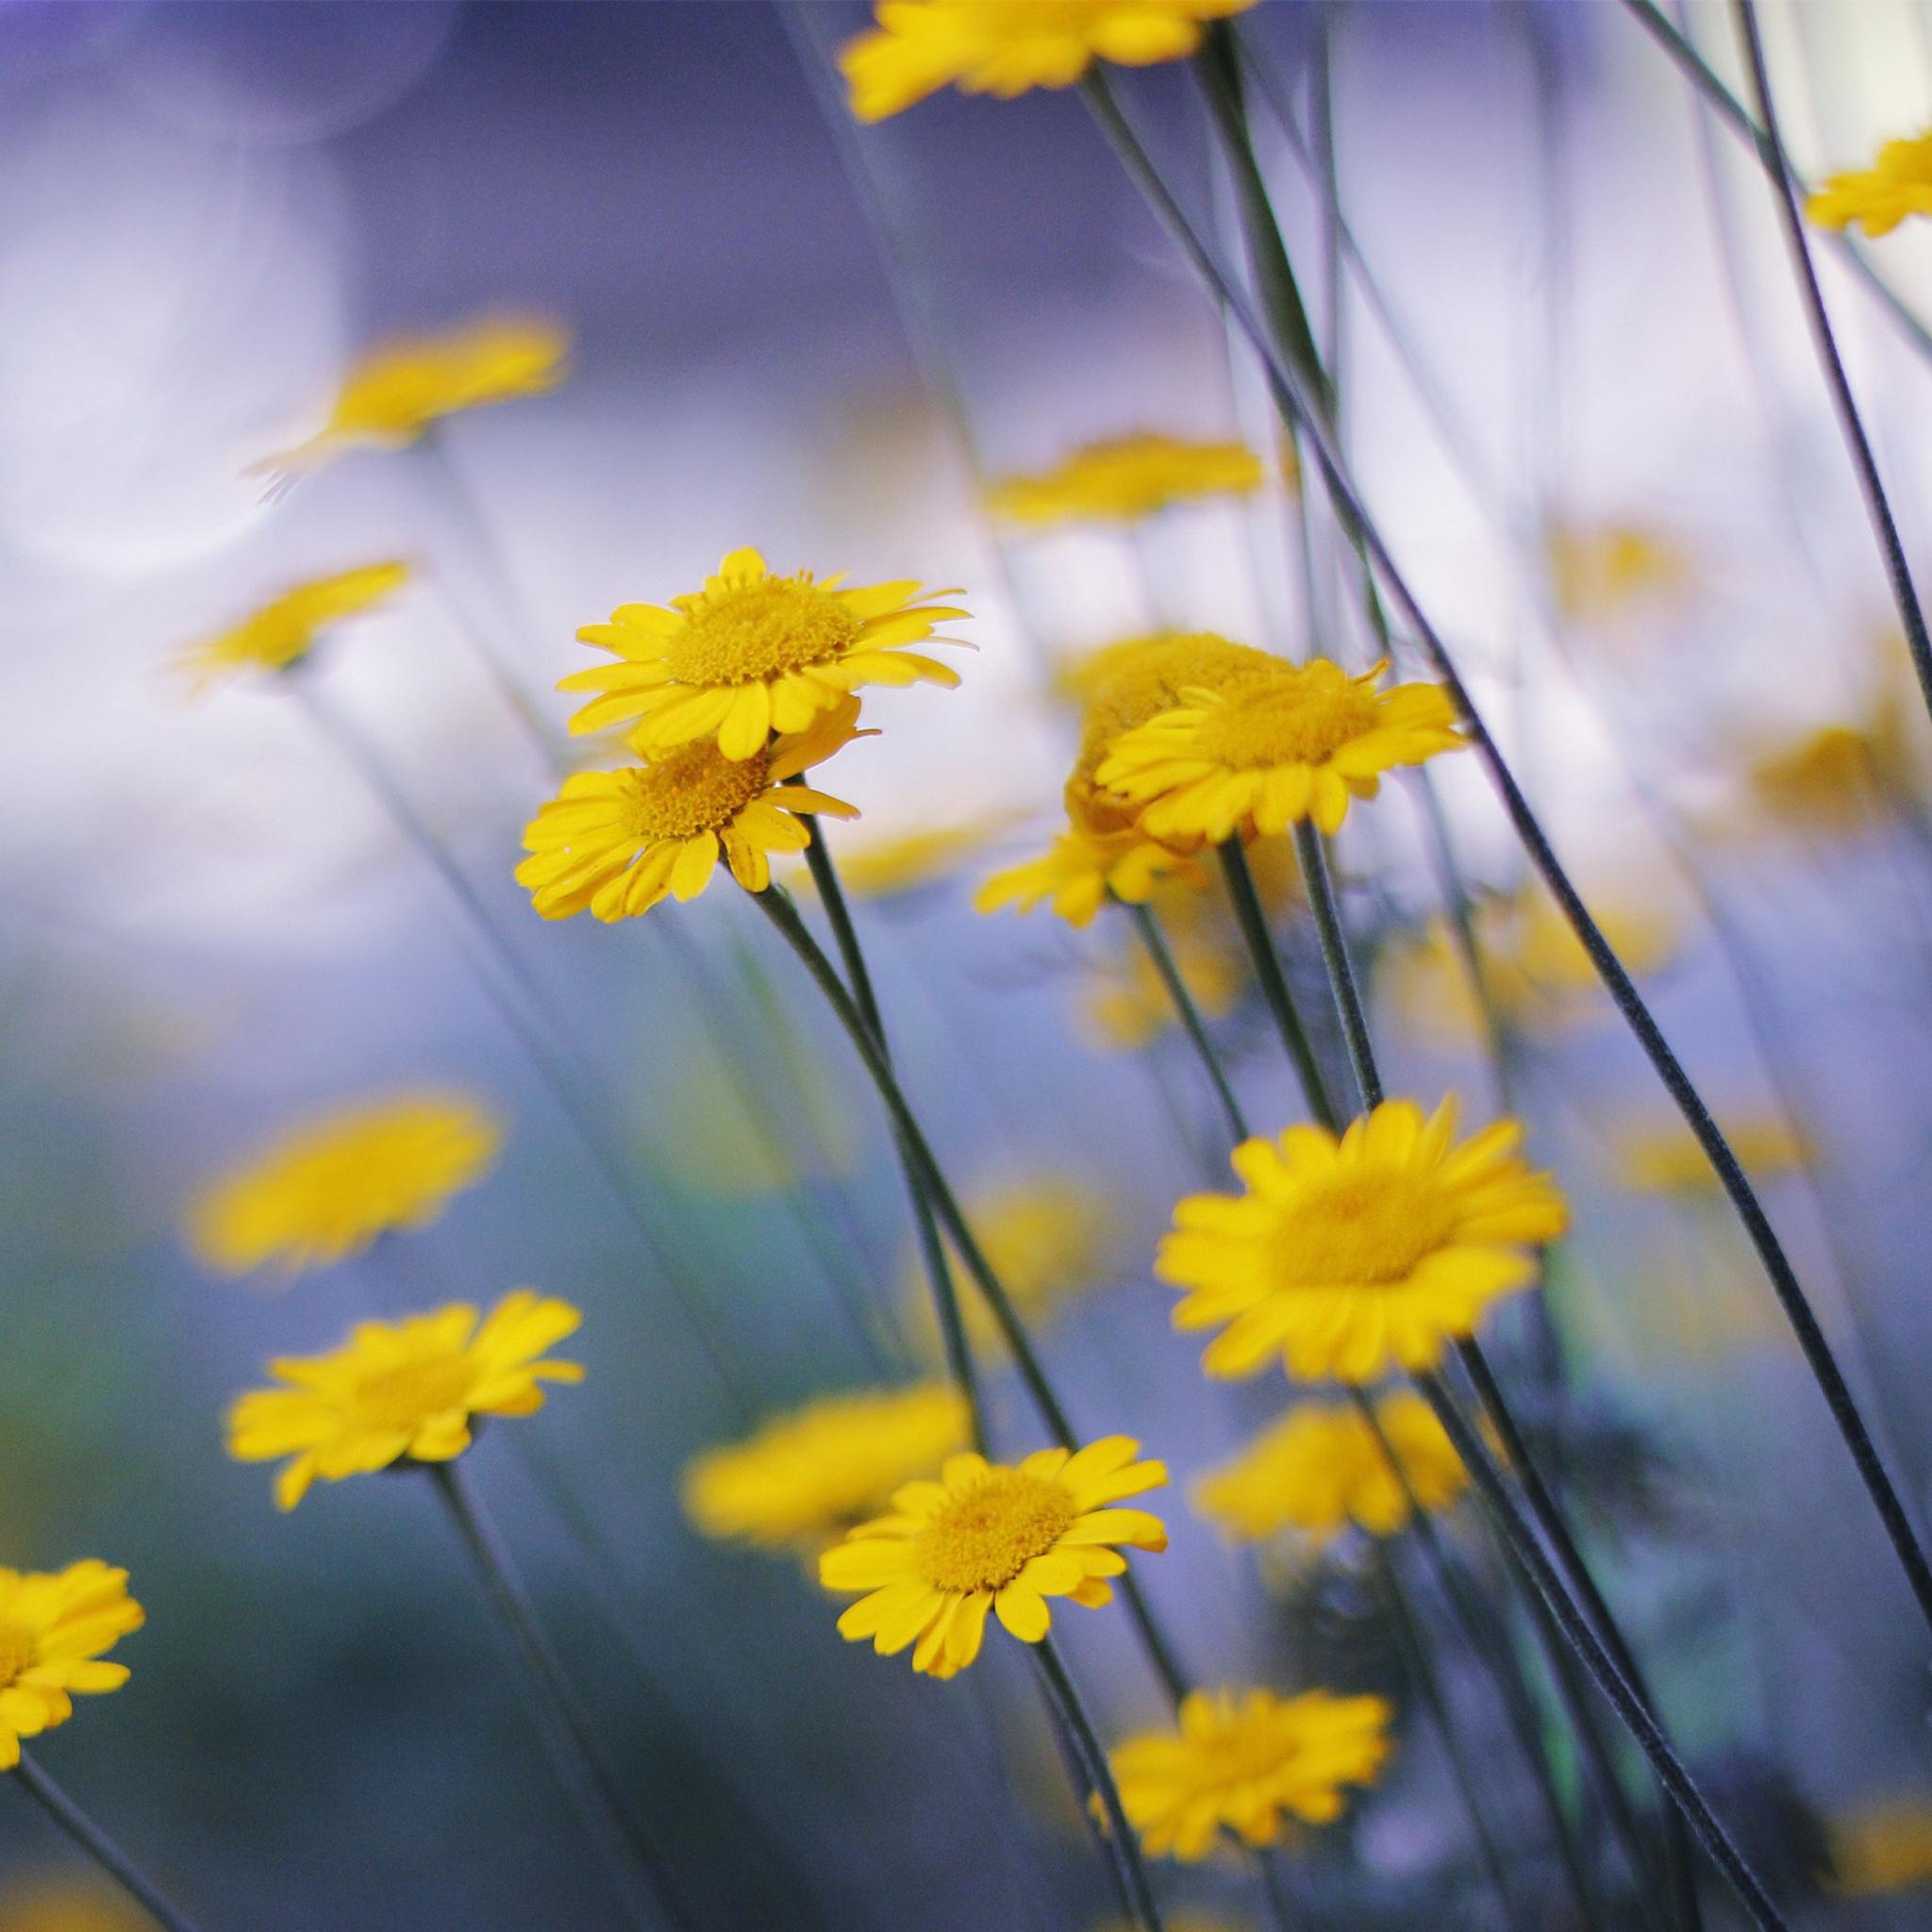 Желтые ромашки цветы желтые цветы размытость  № 3830993 загрузить